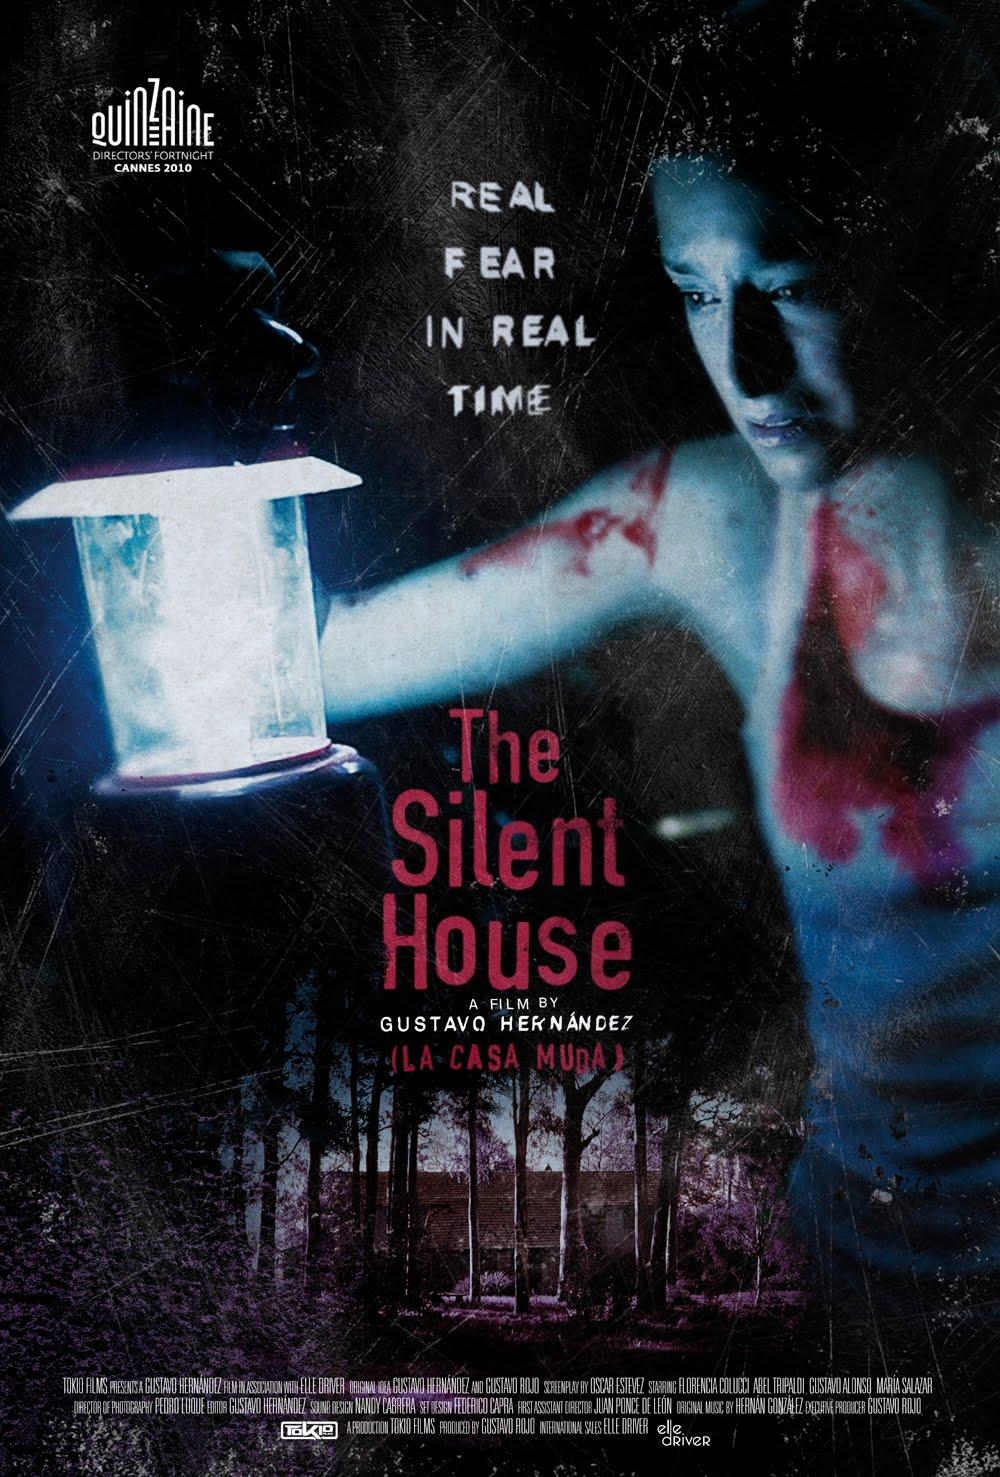 the_silent_house_2010.jpg